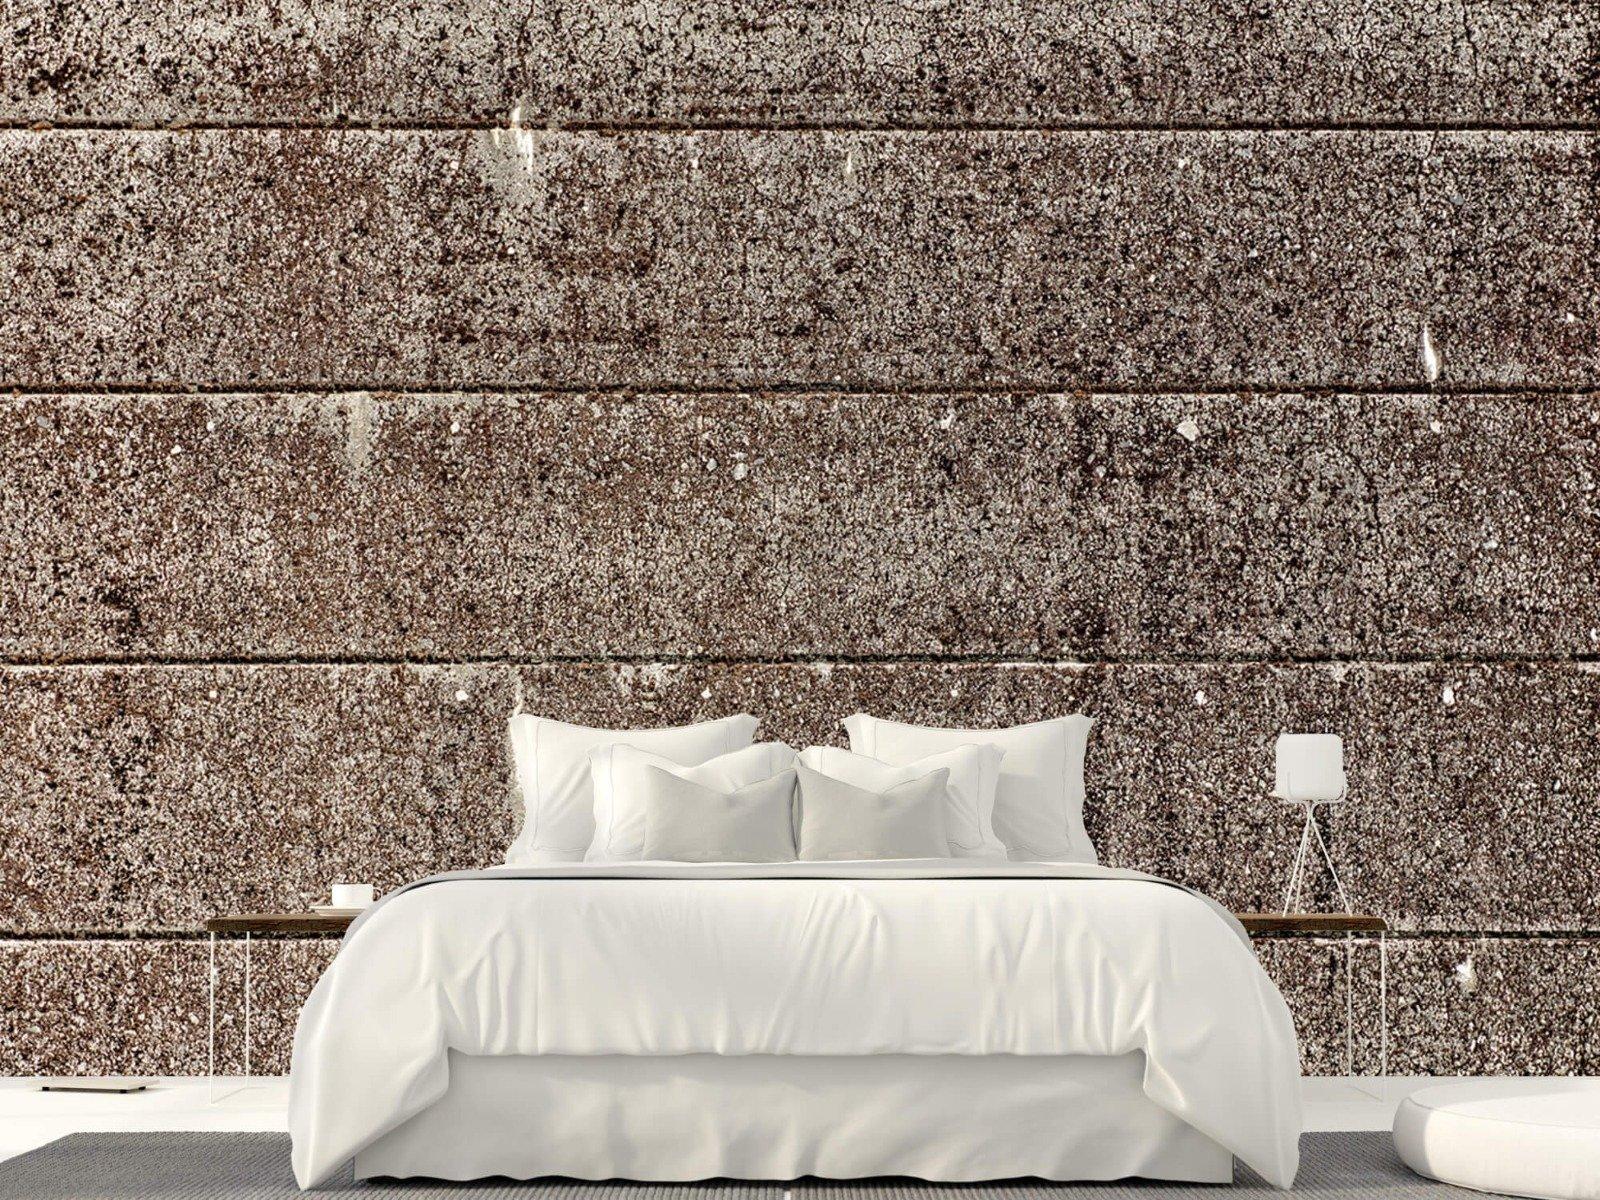 Steen behang - Oude betonnen damwand - Tienerkamer 22